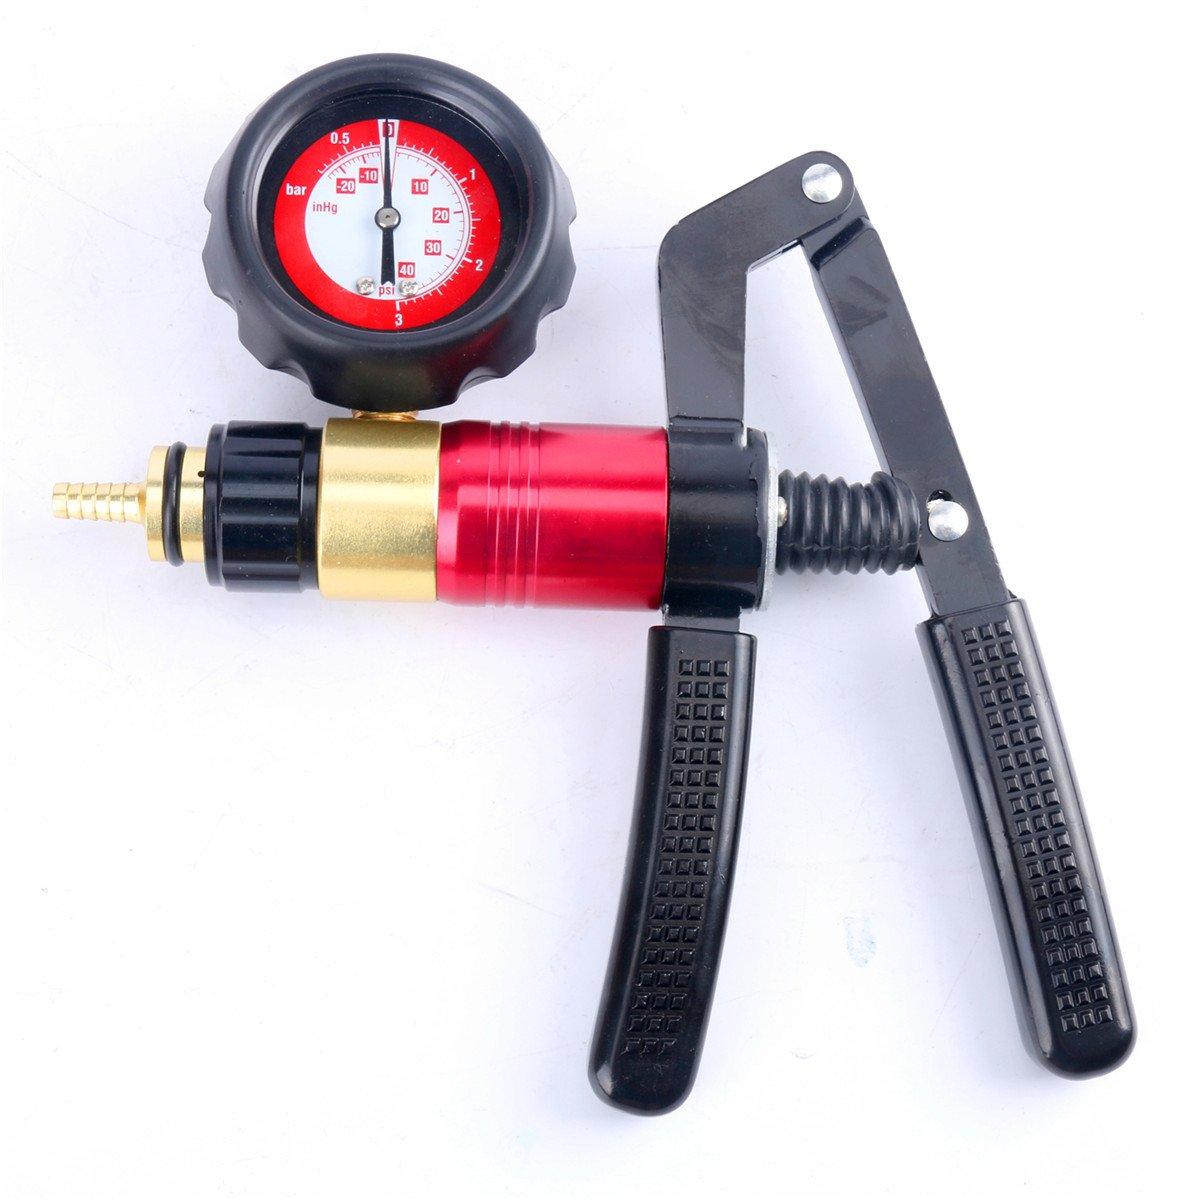 21 piezas FreeTec Kit medidor de presi/ón y vac/ío de mano de la bomba de presi/ón y del l/íquido de purgado de frenos